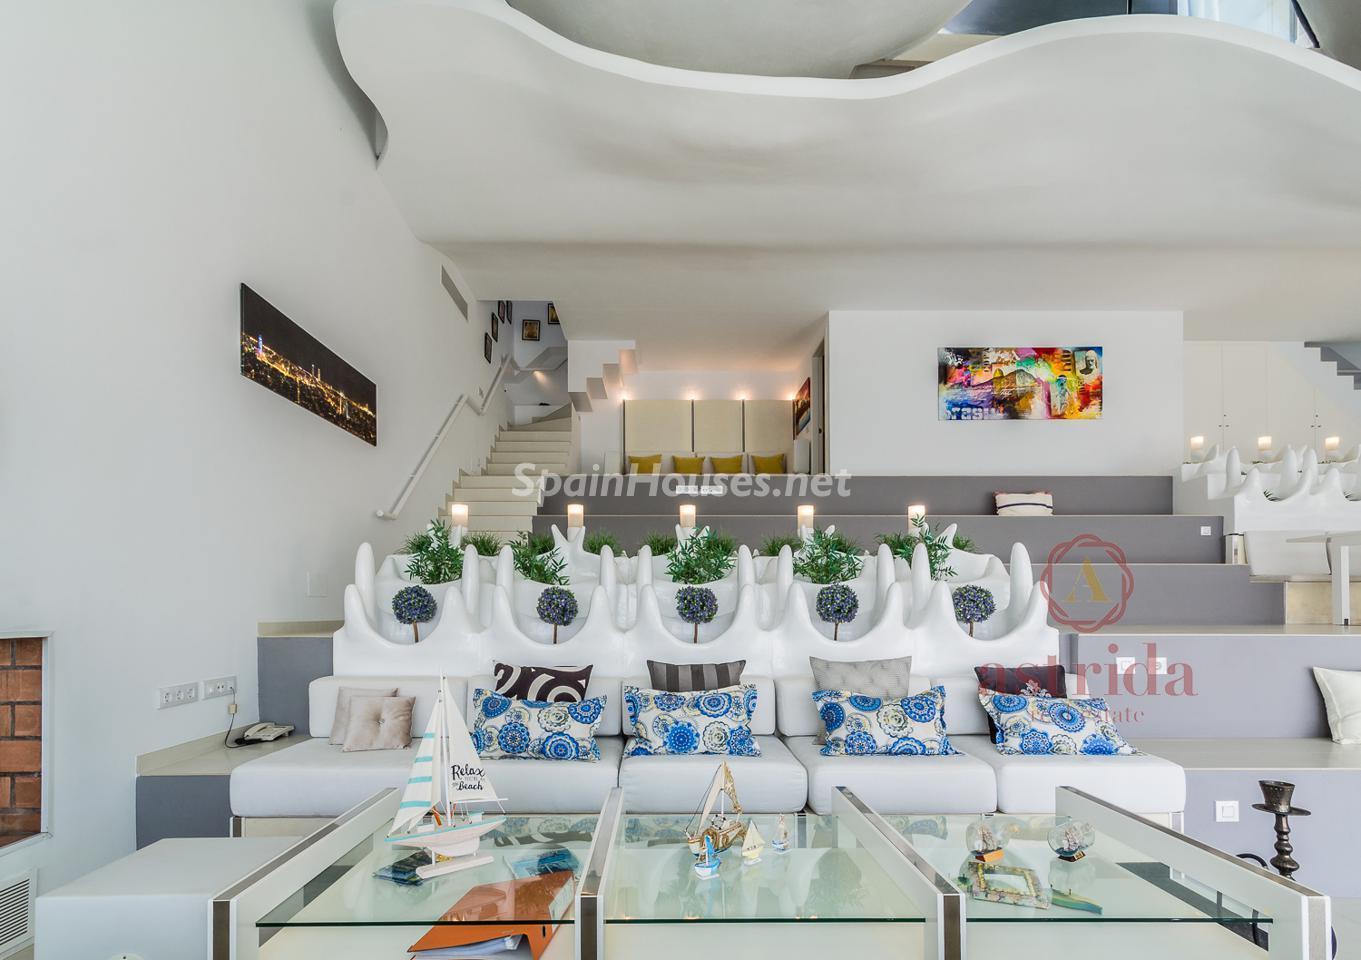 79220385 3090047 foto 486352 - Una casa cueva de estilo Gaudí frente al Mediterráneo